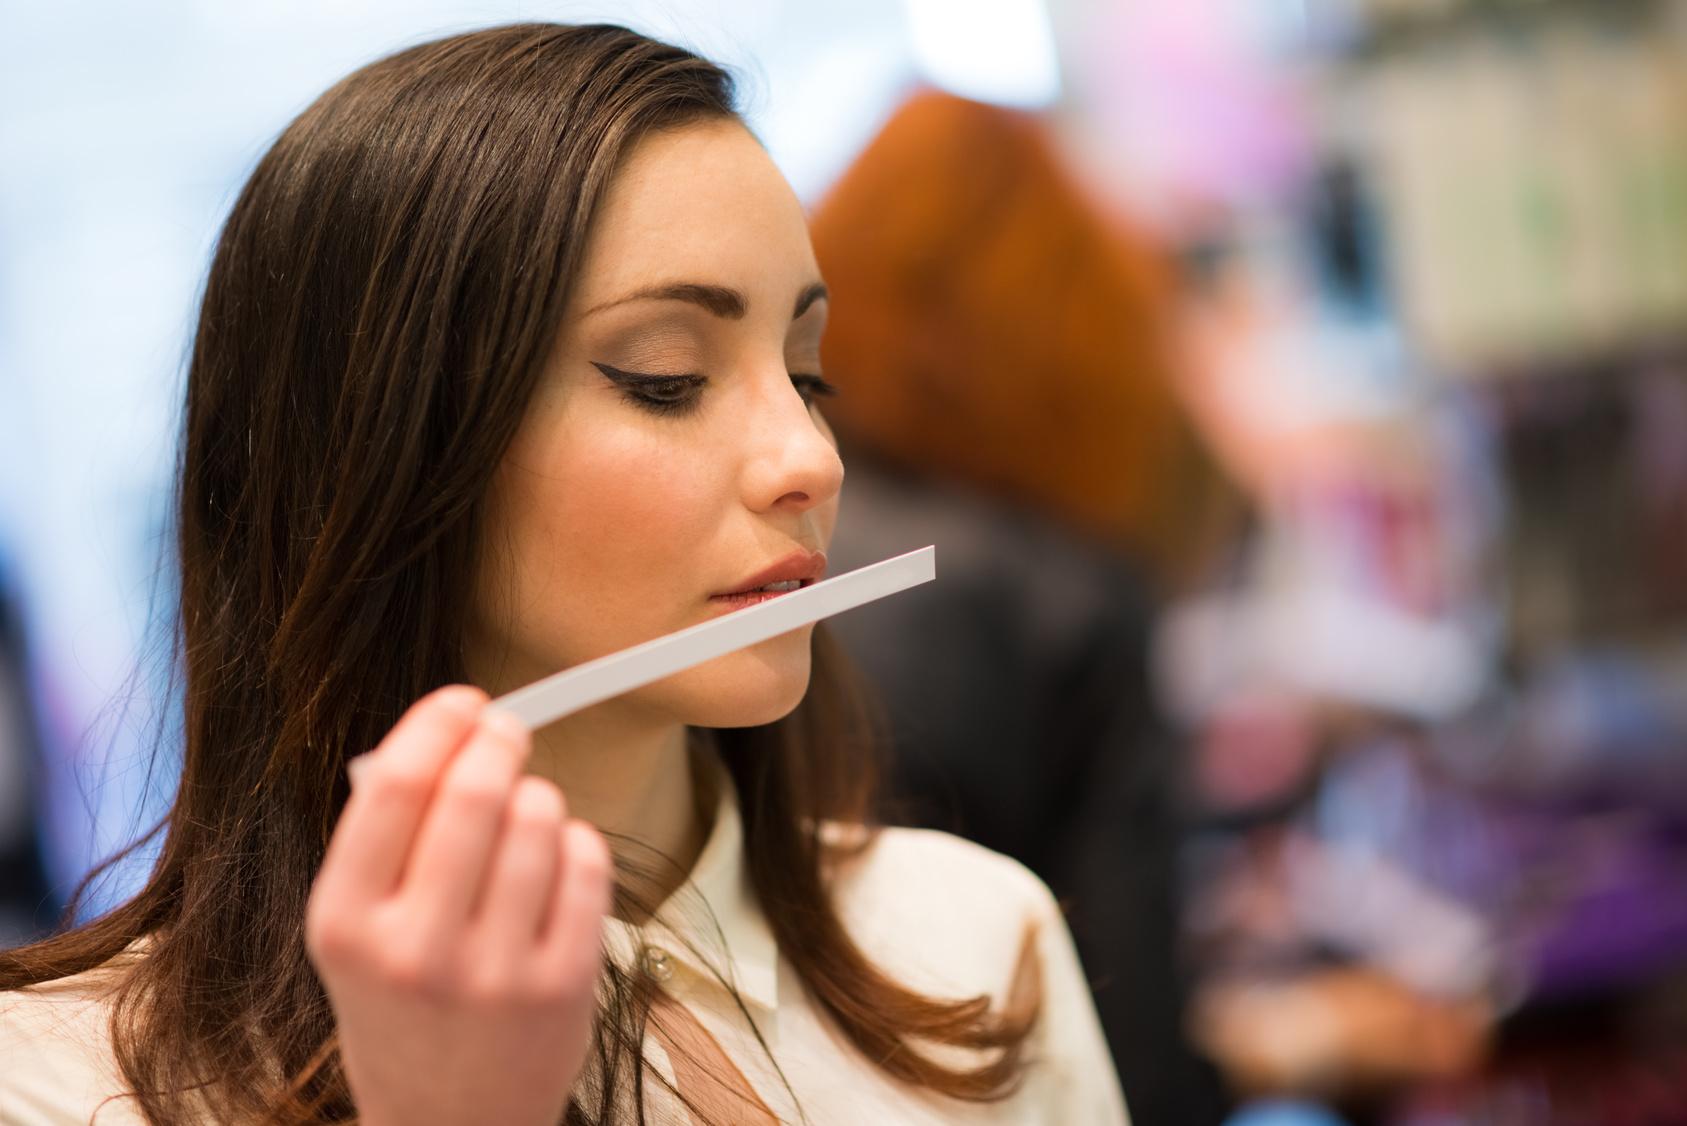 Jak dobierać perfumy na określone okazje? Cz. 1